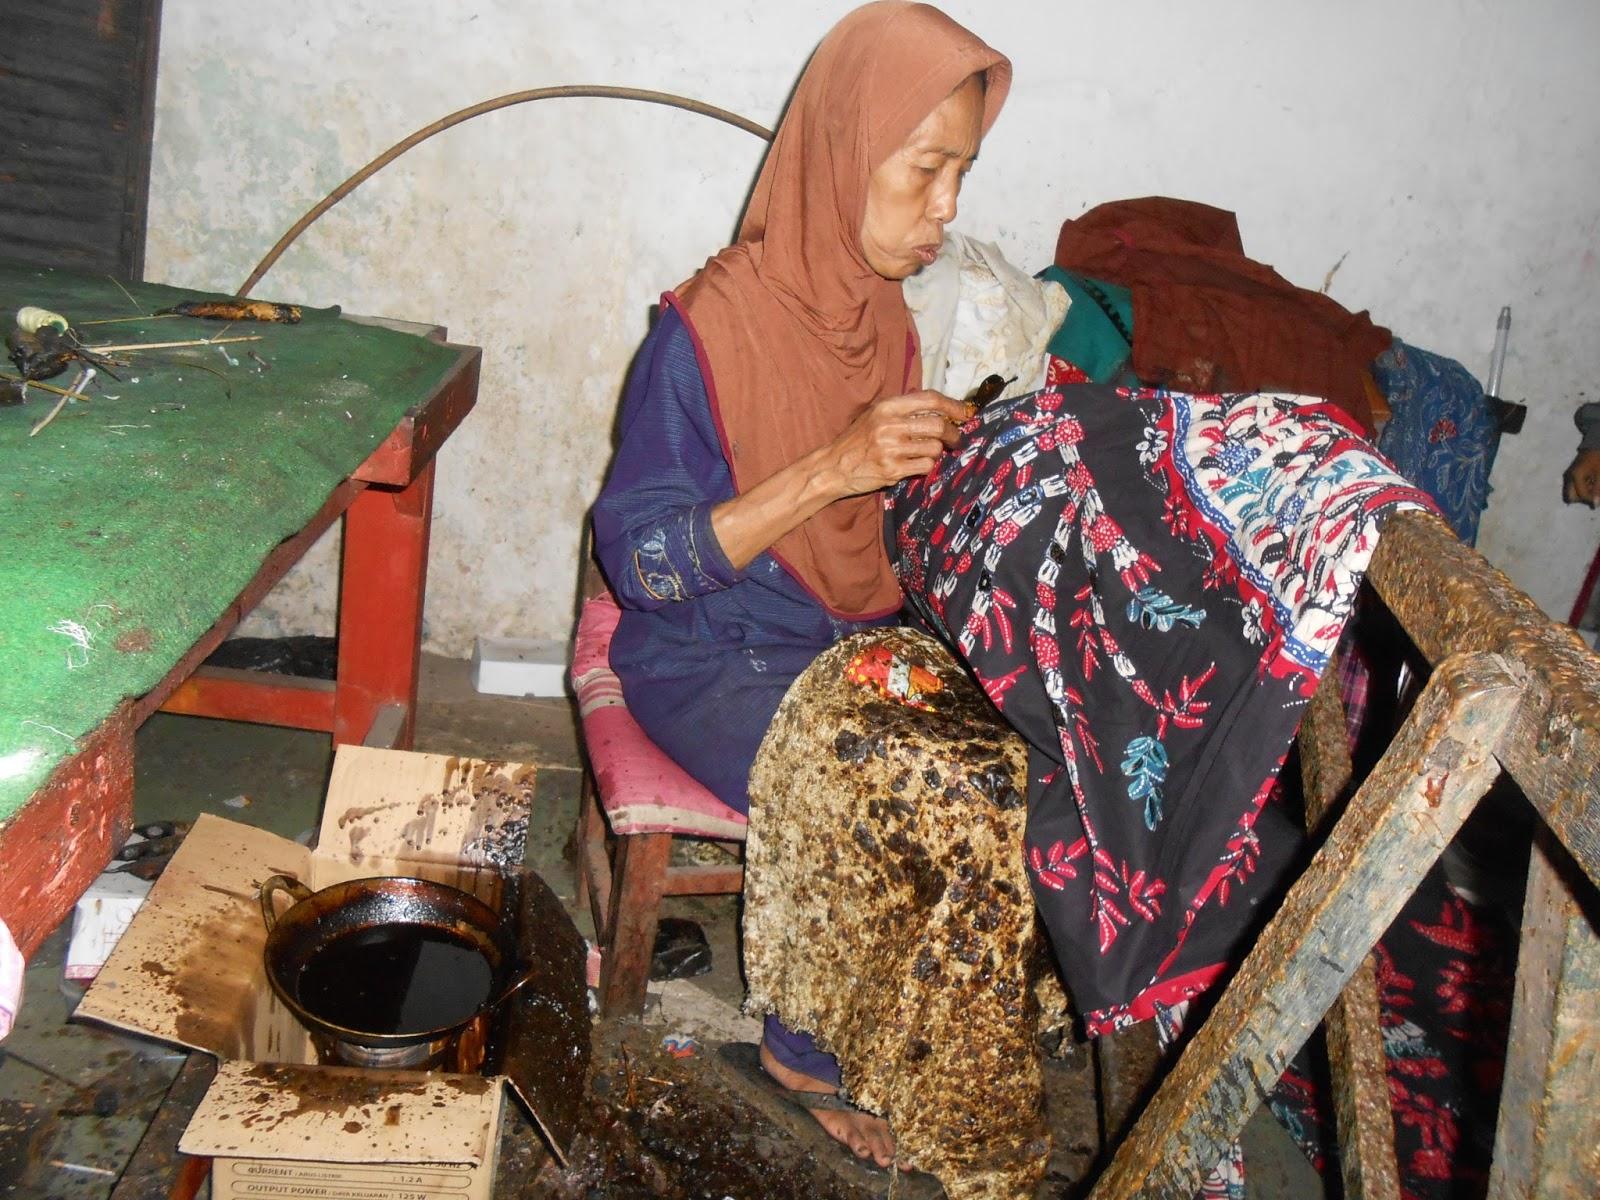 Inovasi Daerah Batik Jetis Pusaka Sejarah Warga Sidoarjo Gambar 2